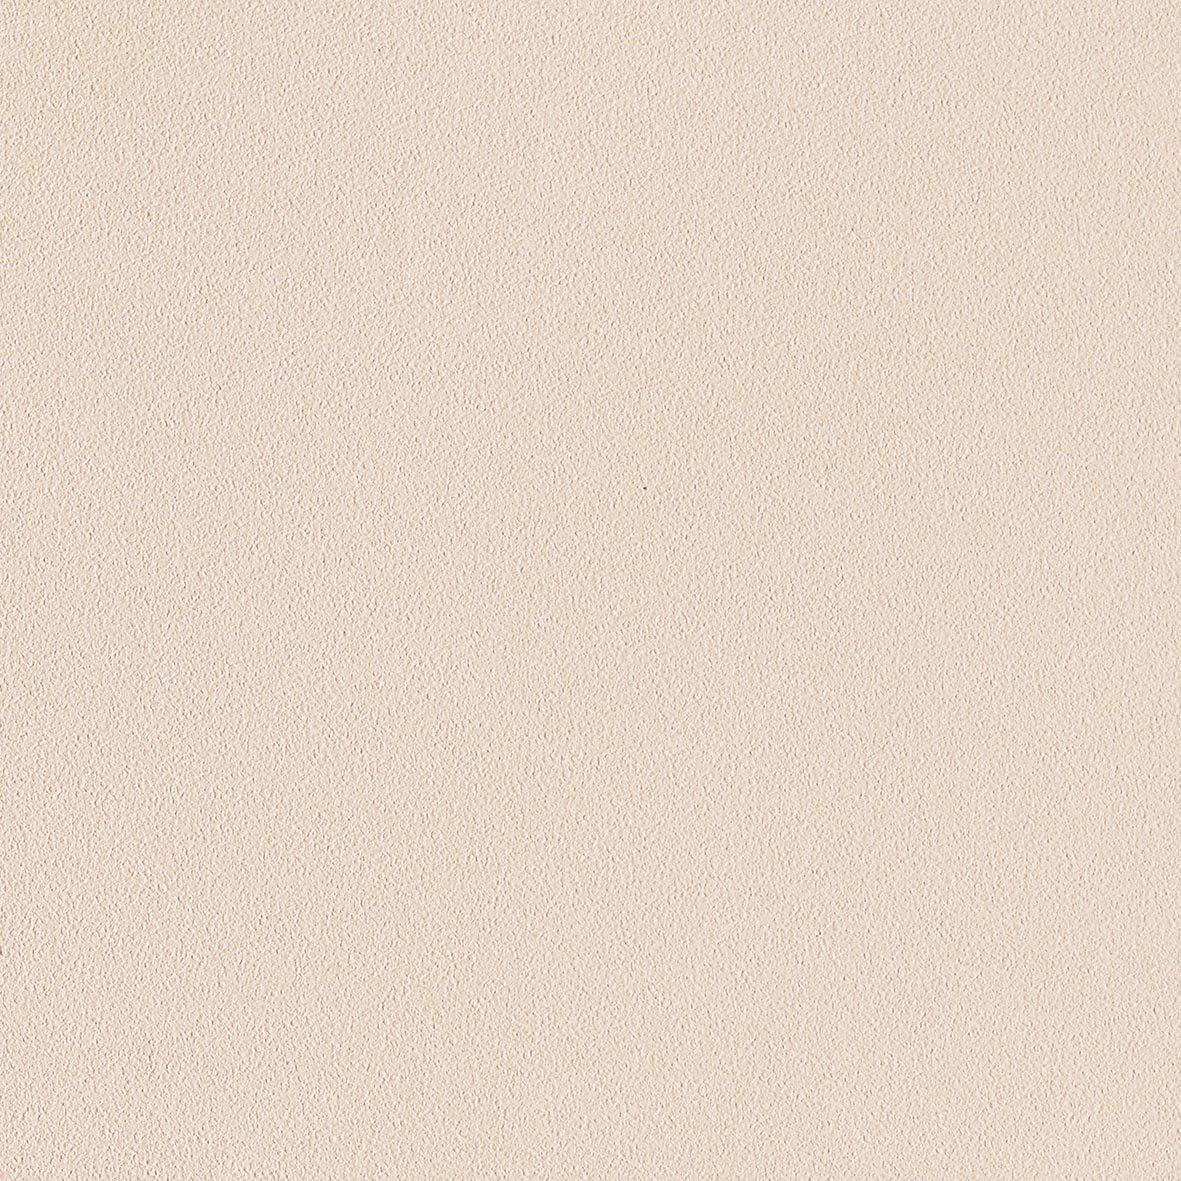 リリカラ 壁紙45m シンフル 石目調 ベージュ スーパー強化+汚れ防止 LW-2322 B07612CKJT 45m|ベージュ4